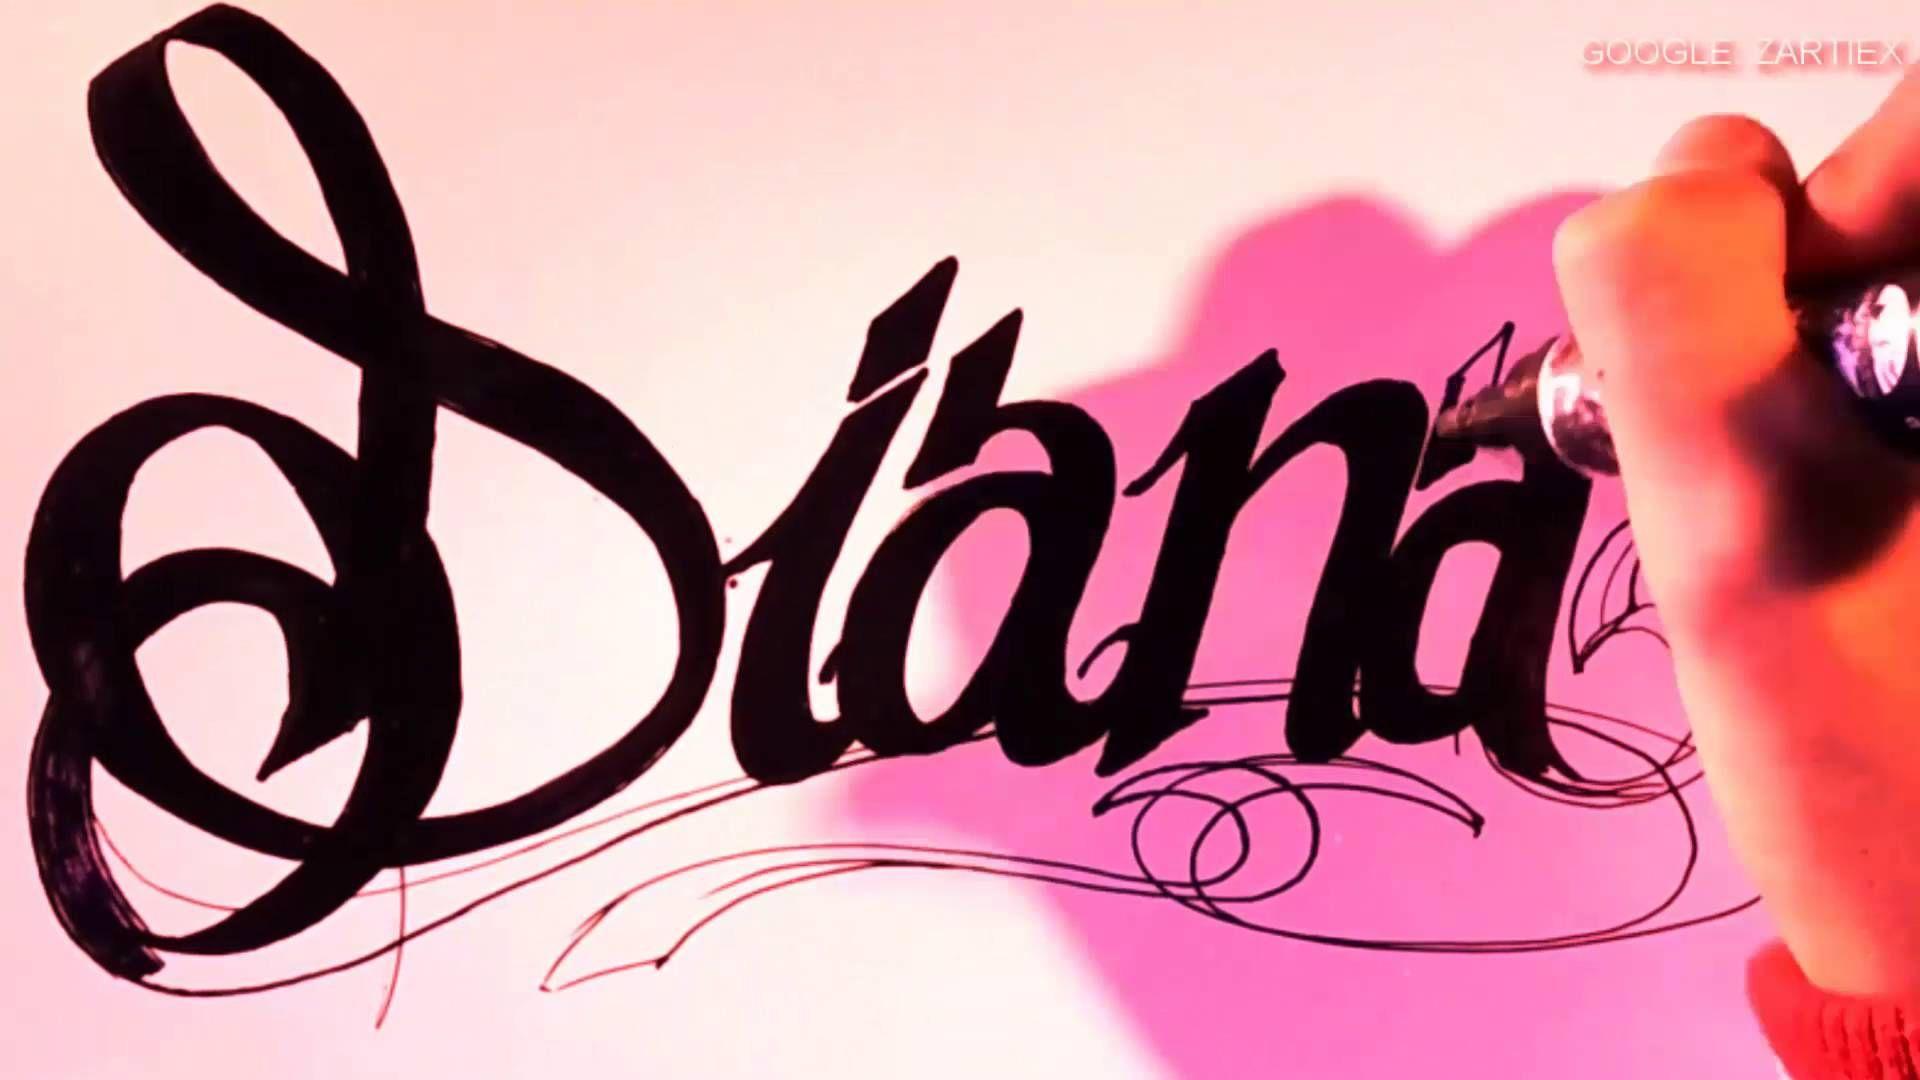 Pin de Artede Palabra en Arte | Pinterest | Letras para tatuajes ...